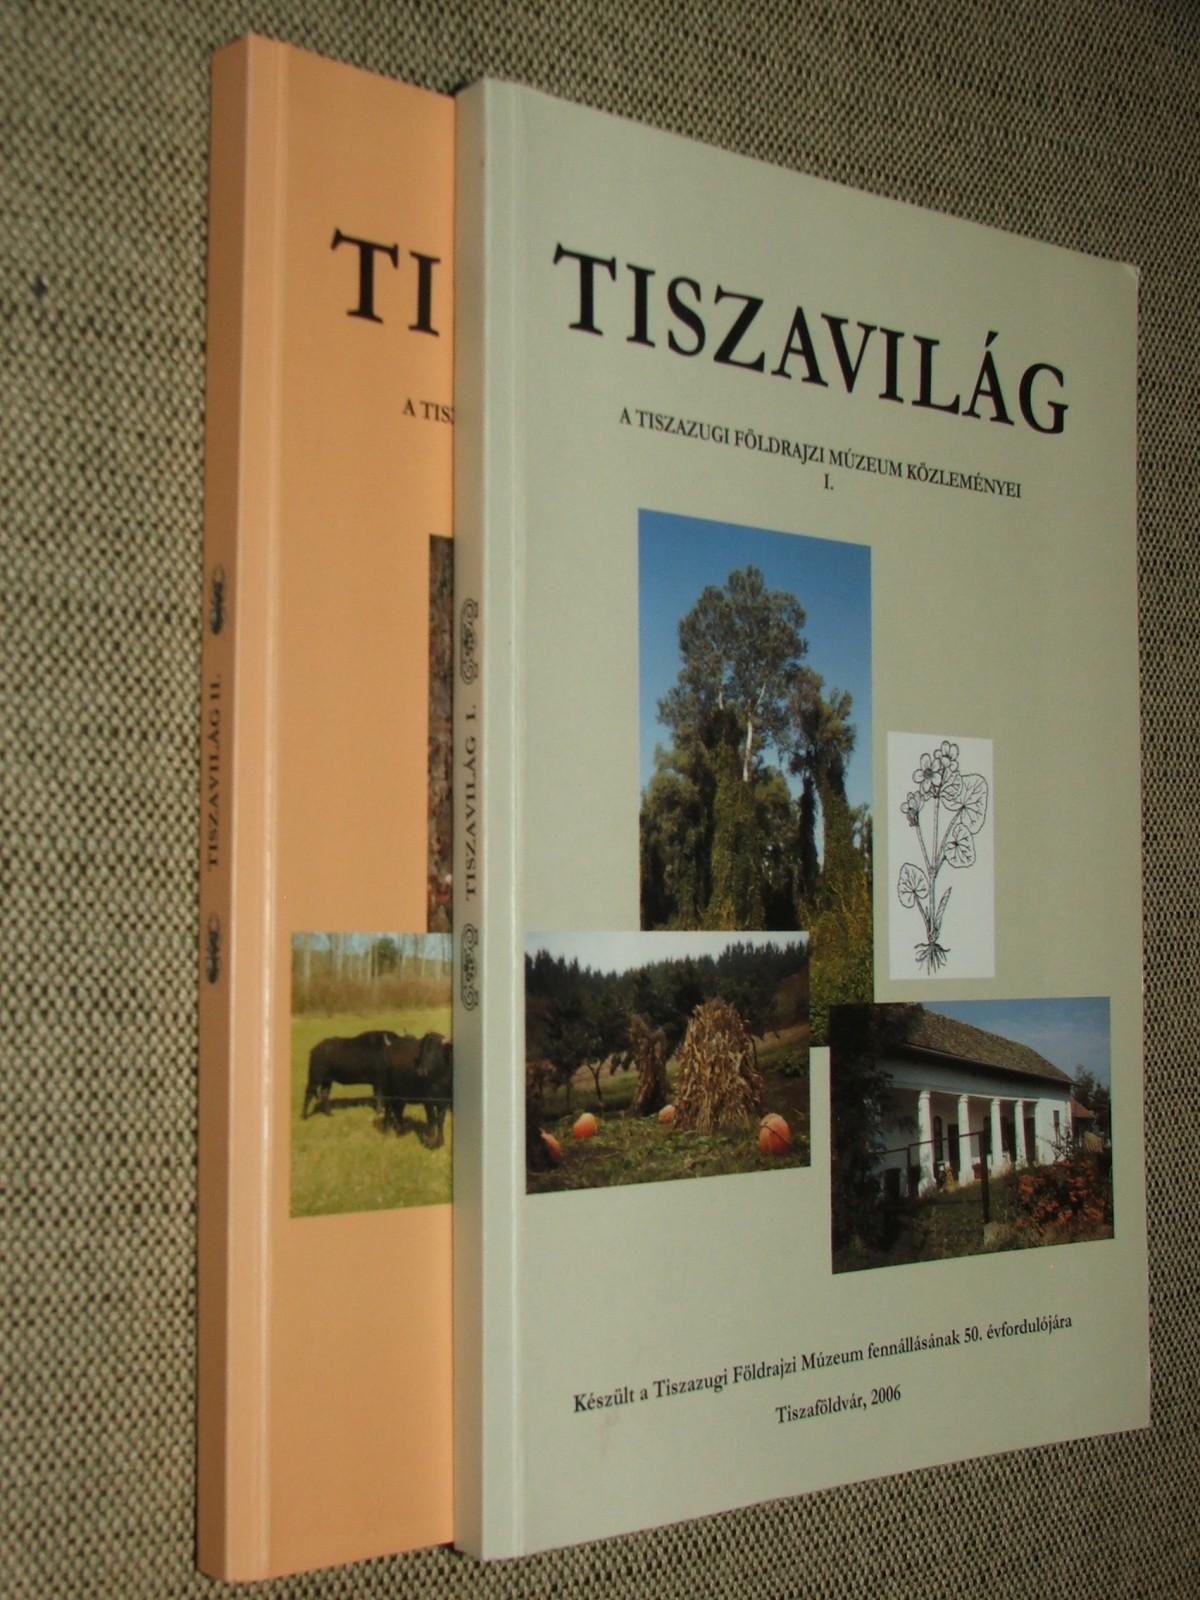 MEZŐ Szilveszter-TÚRI Zoltán szerk.: Tiszavilág